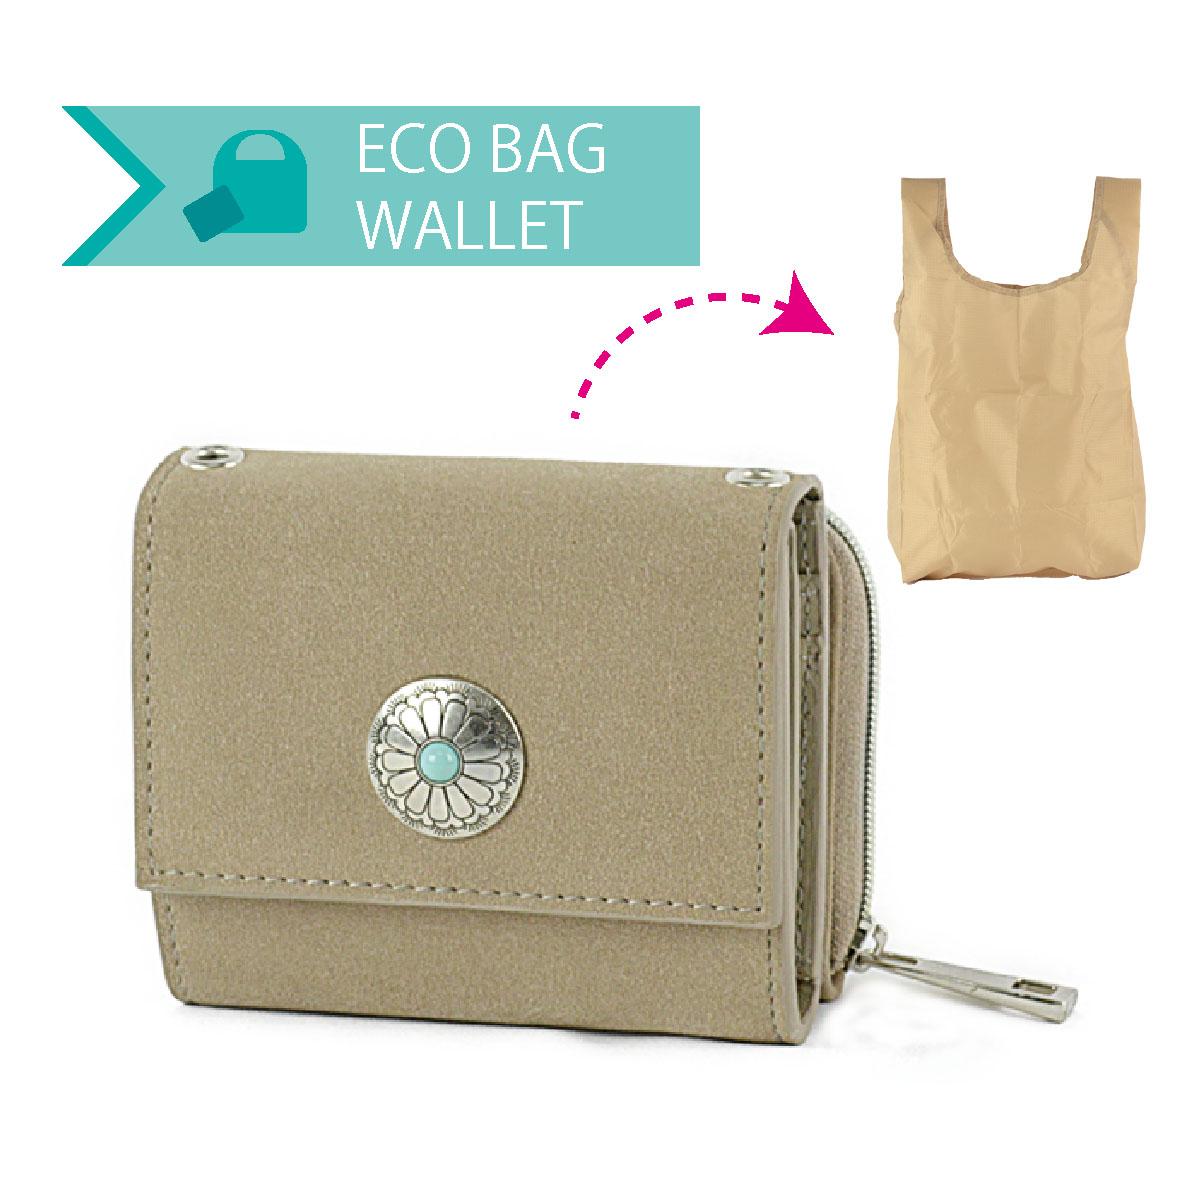 エコバッグ付 三つ折り財布 ミニ財布 [デイ] / レディース ウォレット